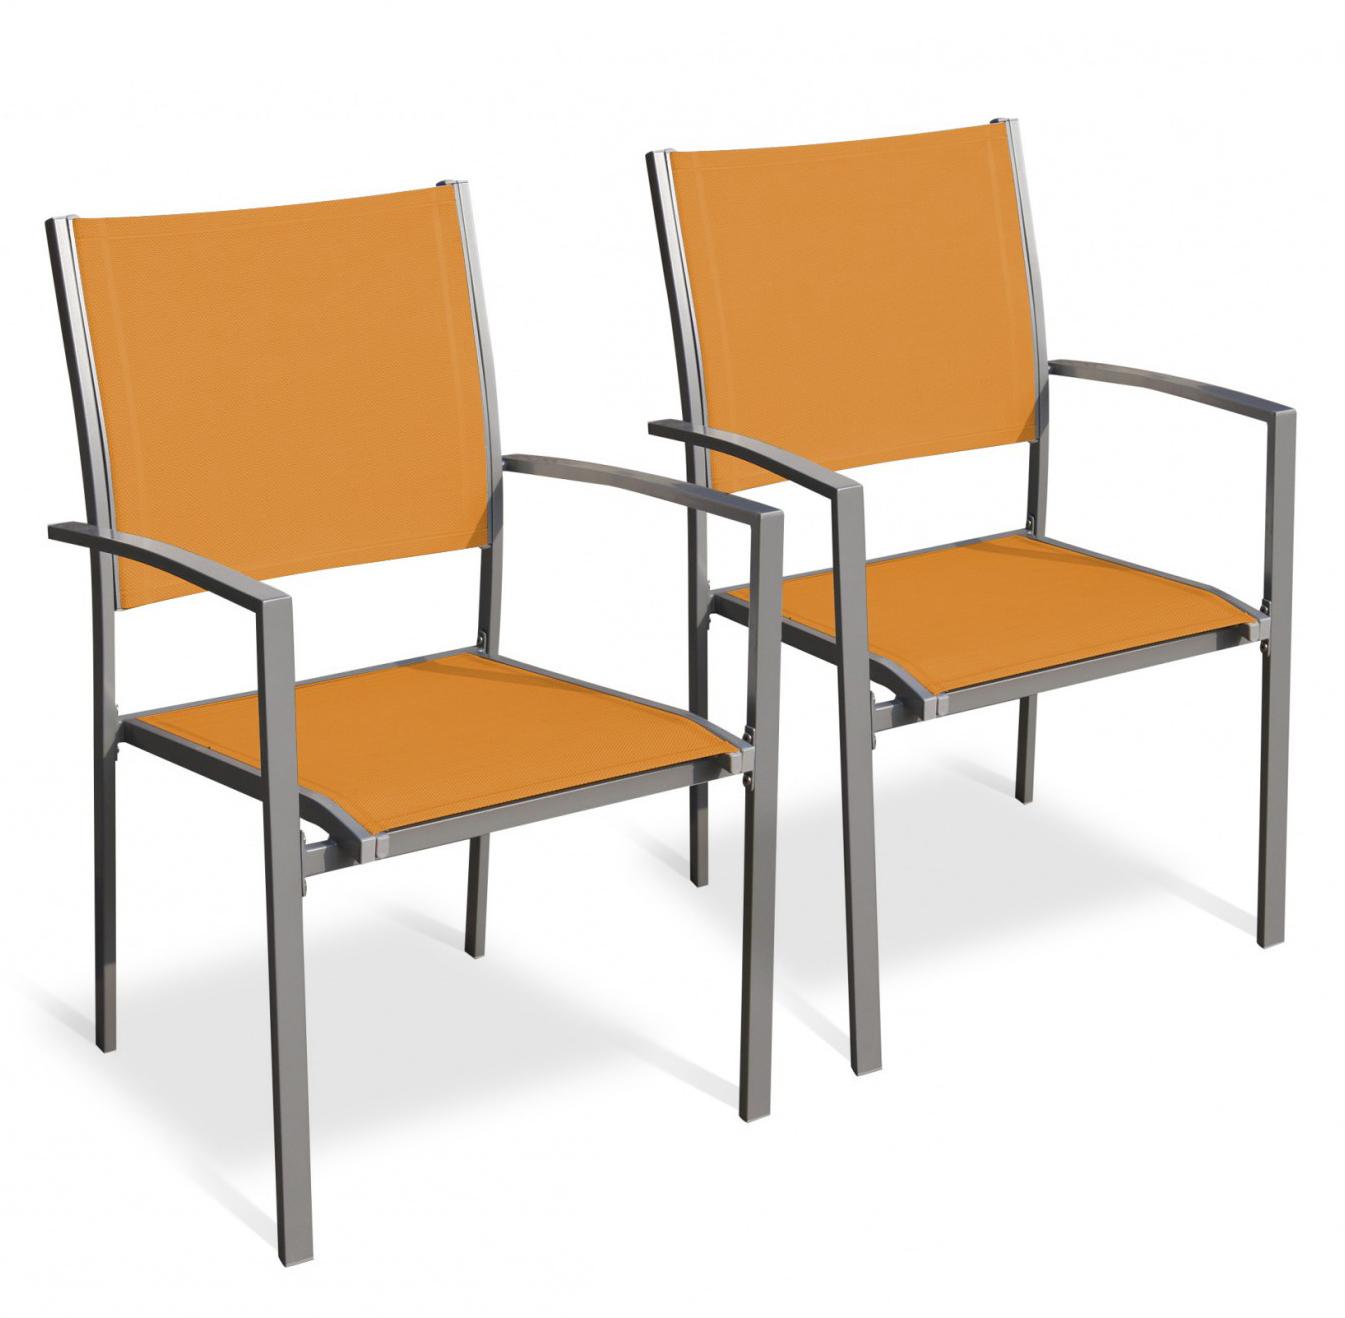 Gartenstühle Doppelpack orange